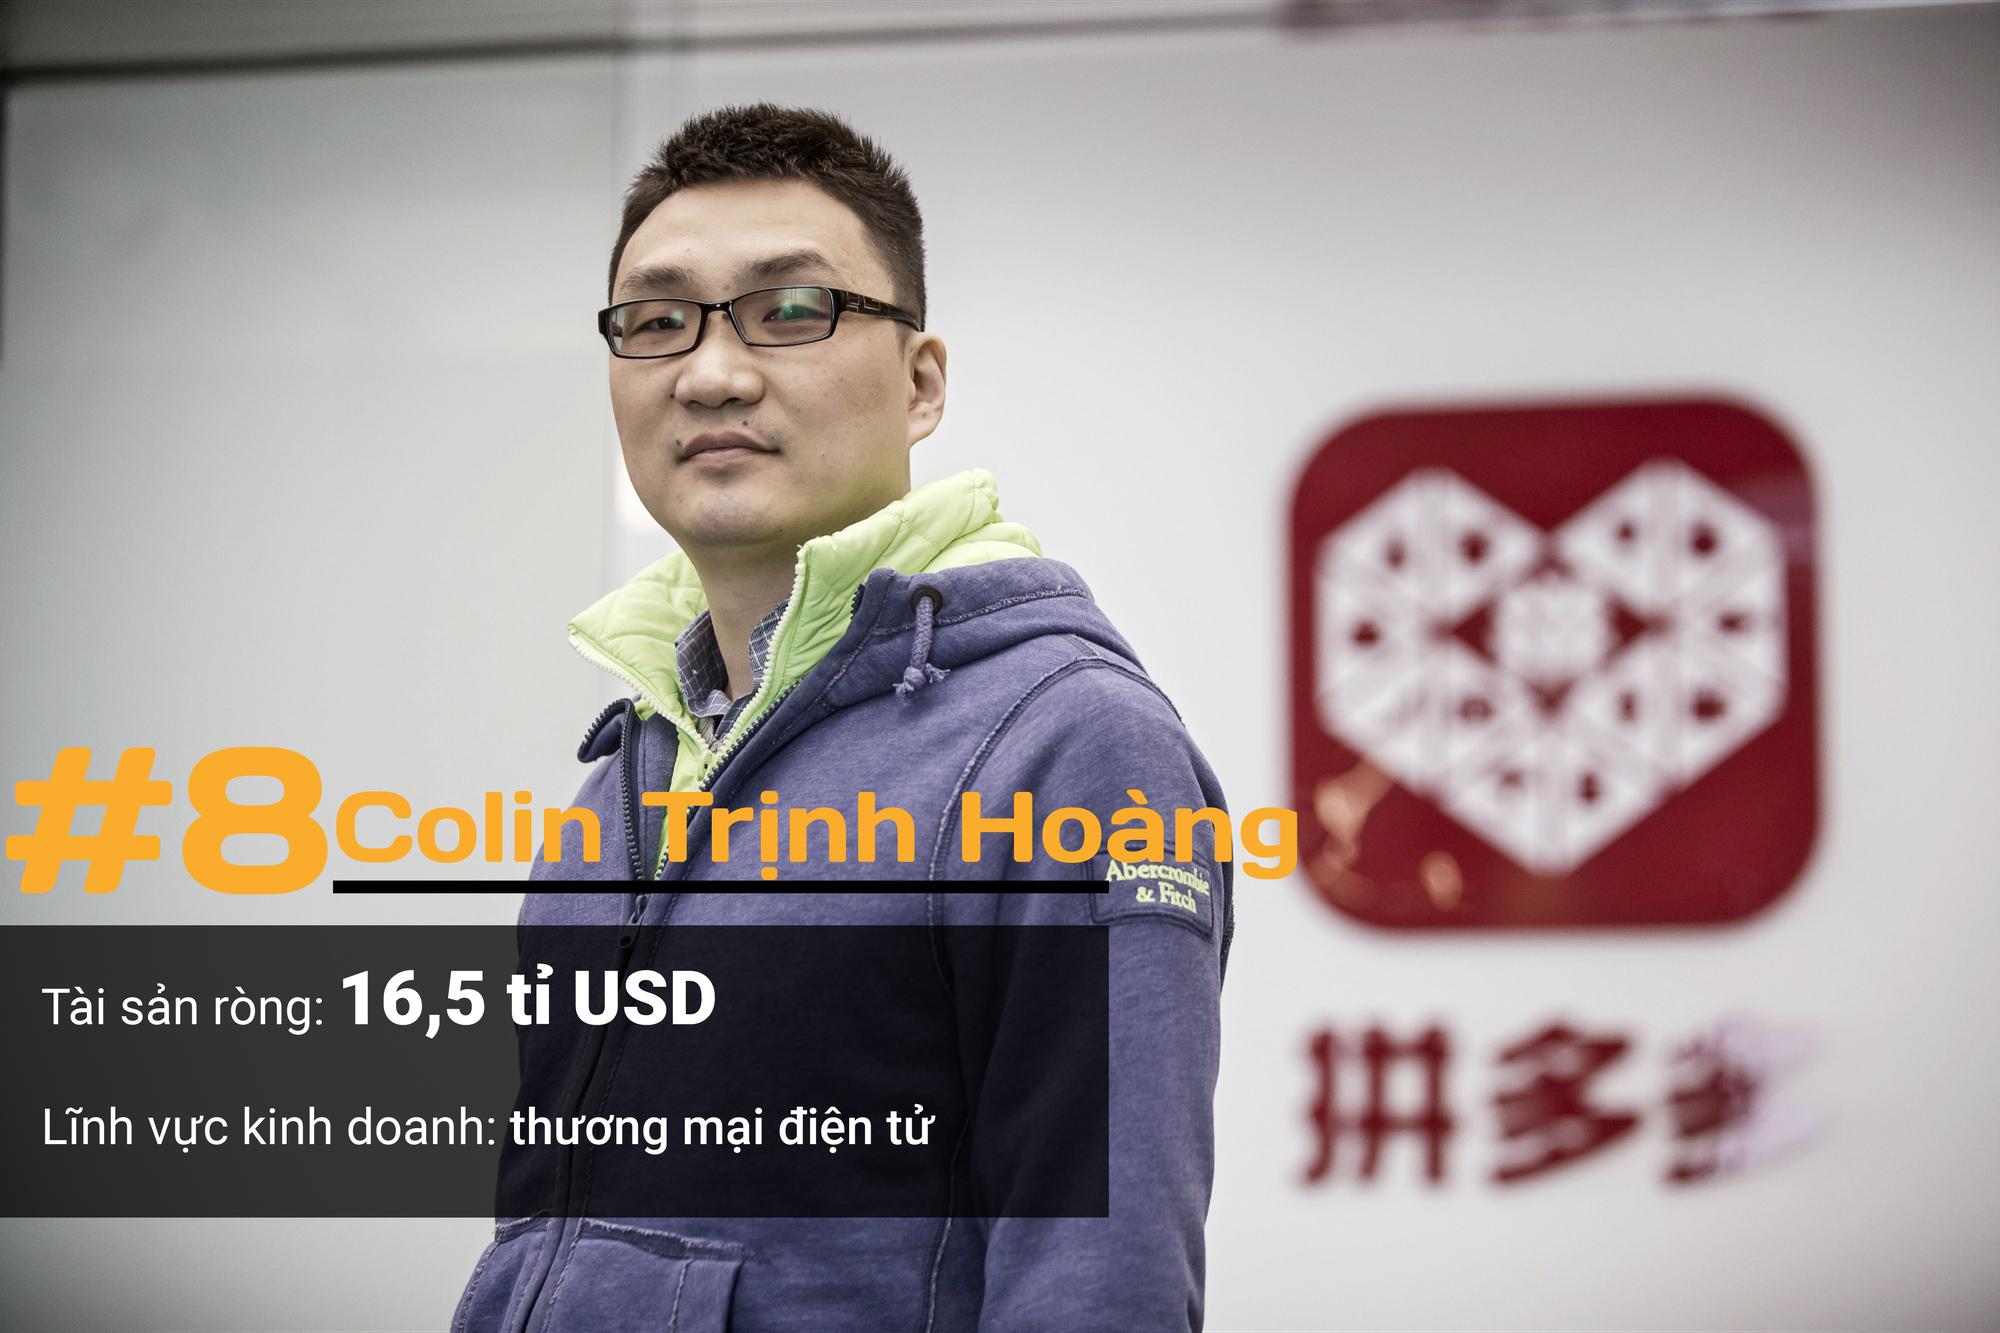 Jack Ma vẫn là người giàu nhất, Trung Quốc có tỉ phú nuôi heo - Ảnh 8.